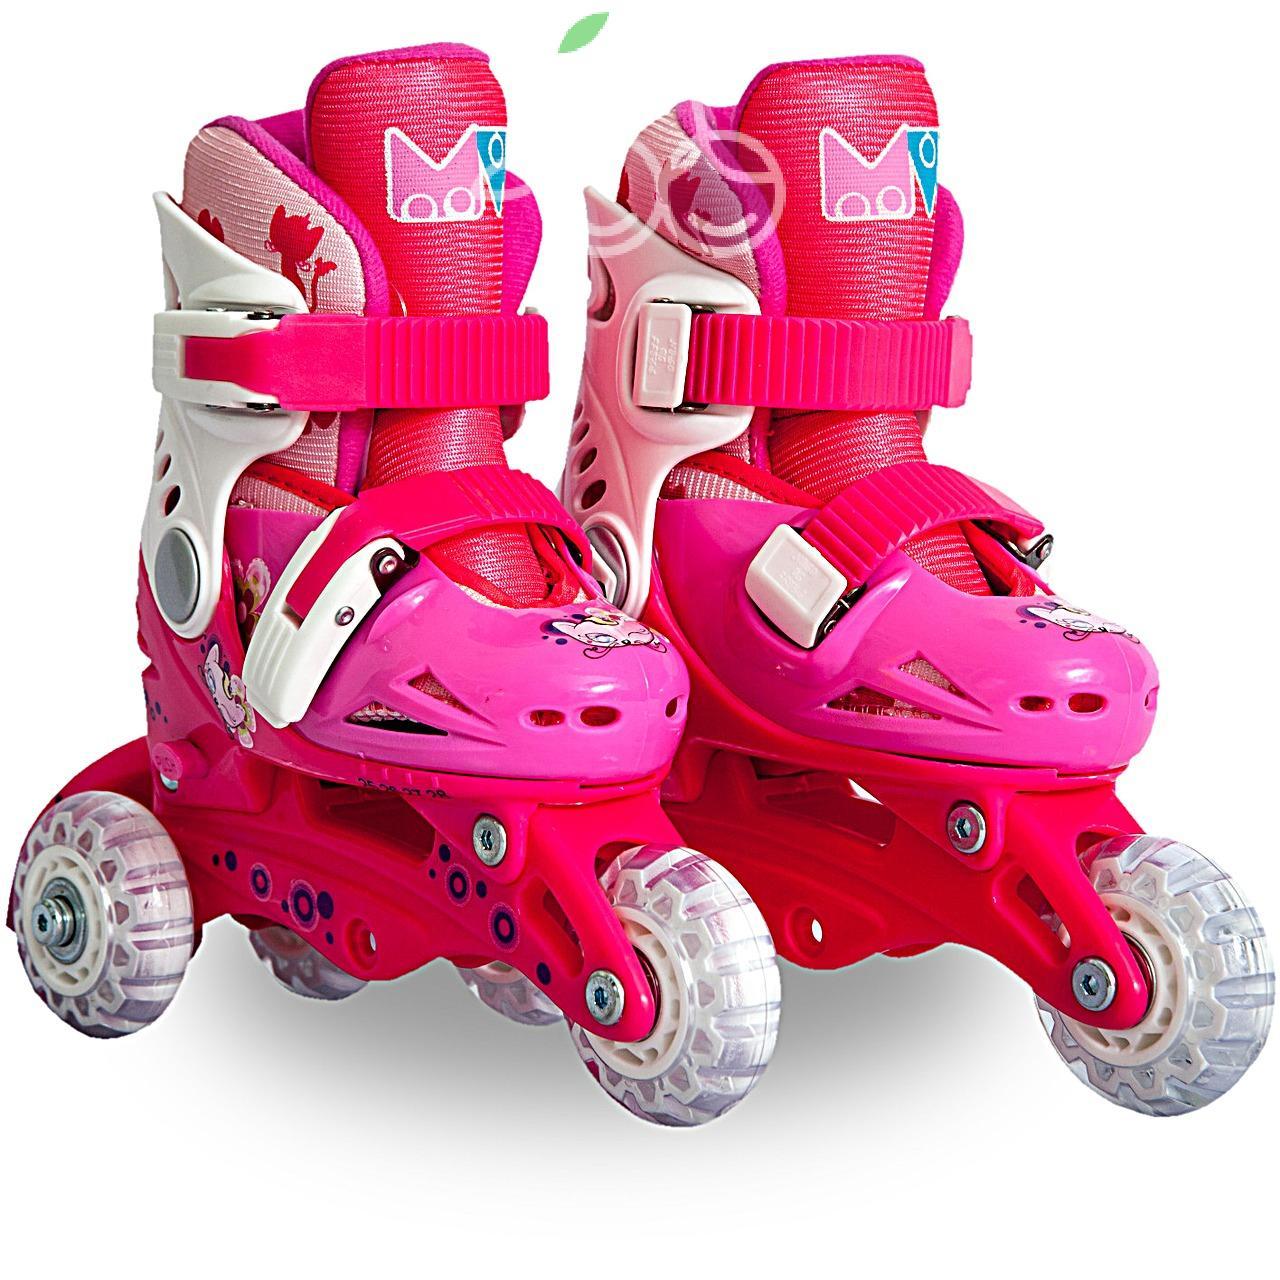 Роликовые коньки детские 28 размер, для обучения (трансформеры, раздвижной ботинок) MagicWheels розовые, - фото 1